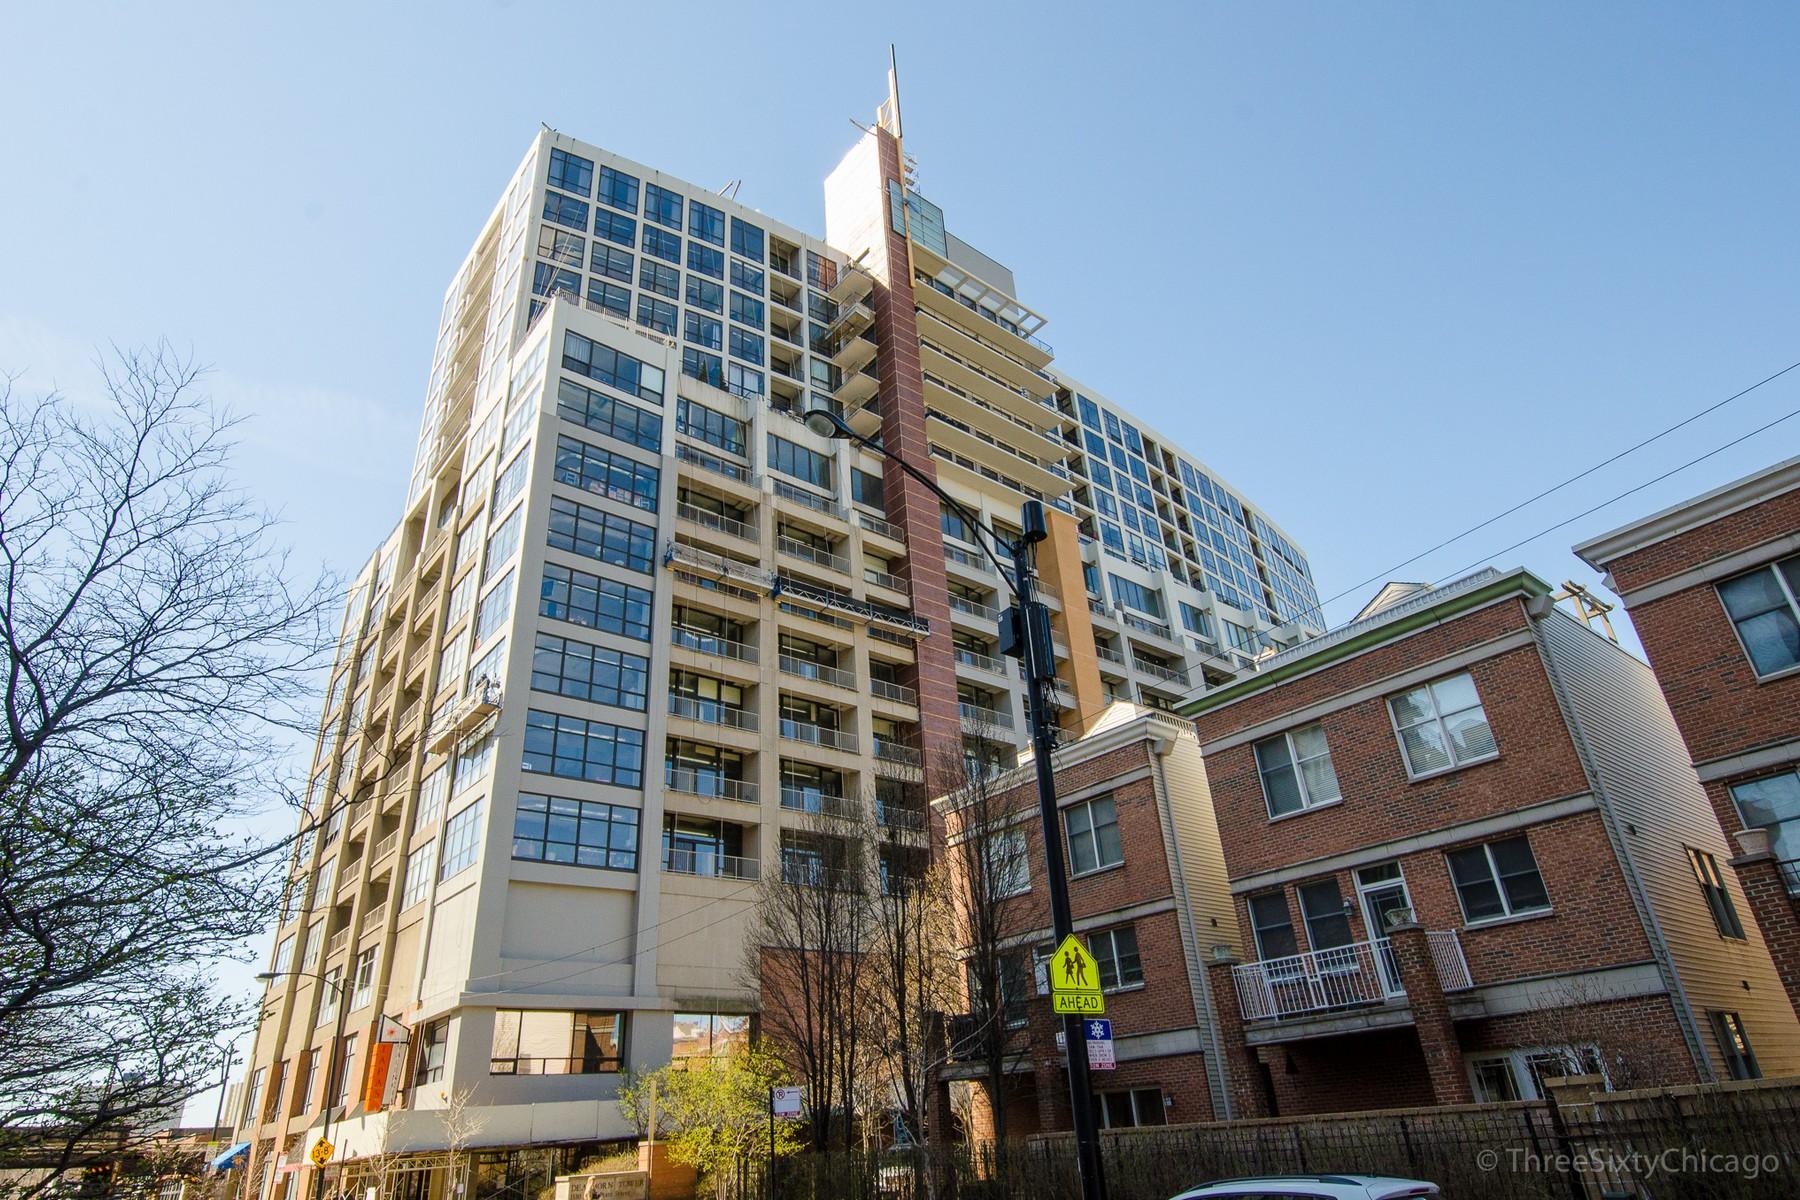 콘도미니엄 용 매매 에 Dearborn Tower 1530 S. State Street, Unit 1005 Near South Side, Chicago, 일리노이즈, 60605 미국